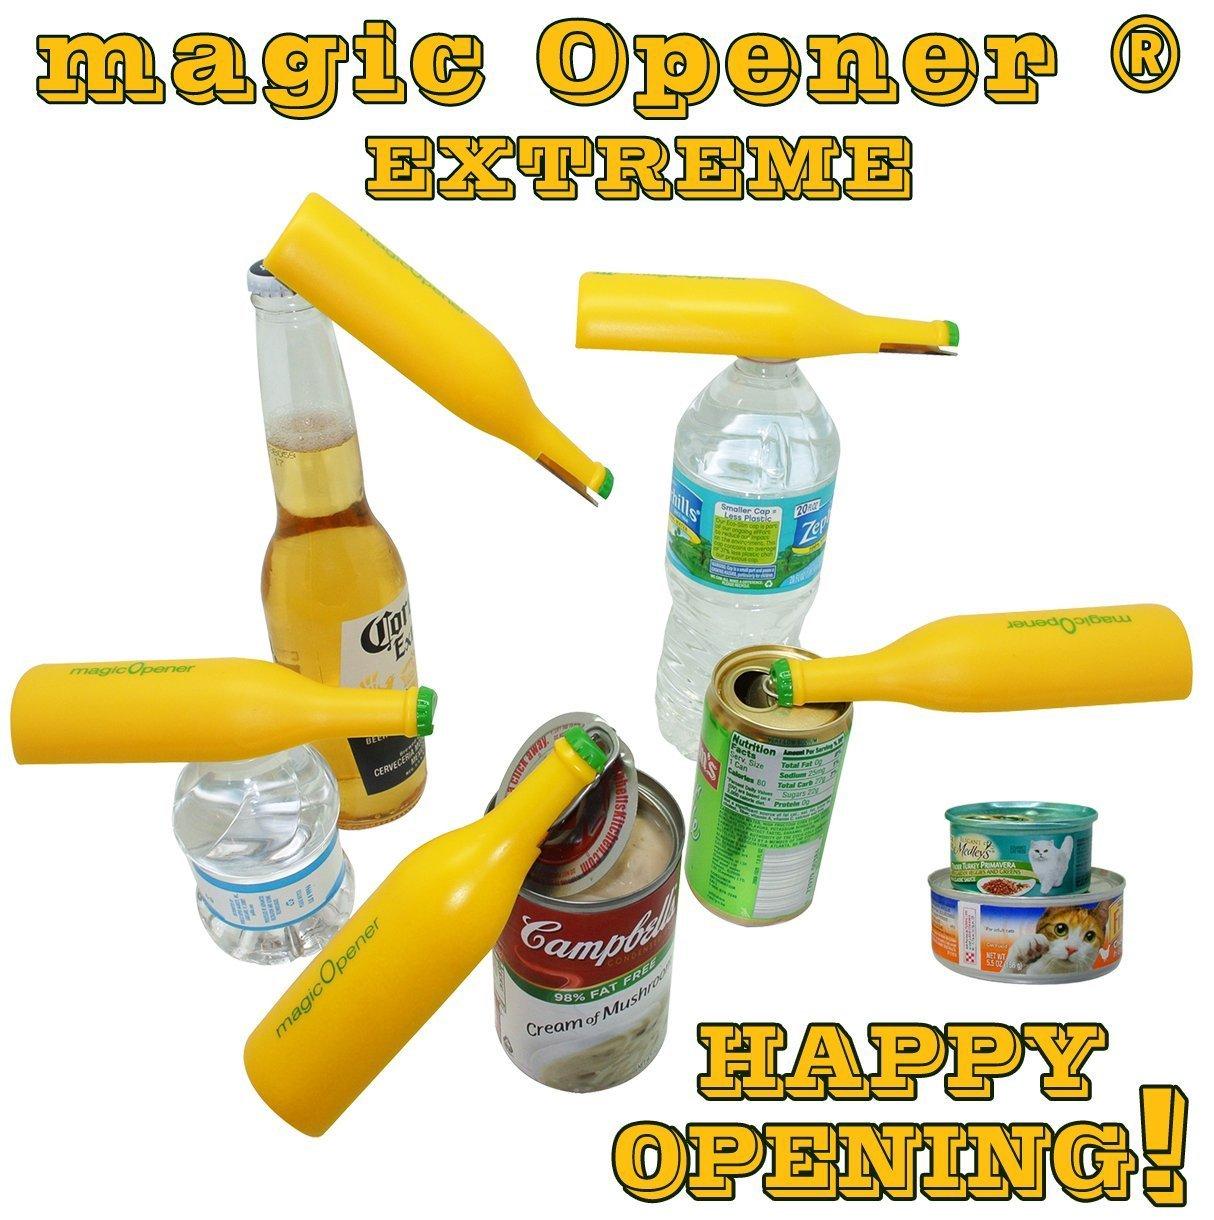 Compra The Extreme Magic Opener - Abridor de Latas y Destapador Botellas de Plastico en Amazon.es